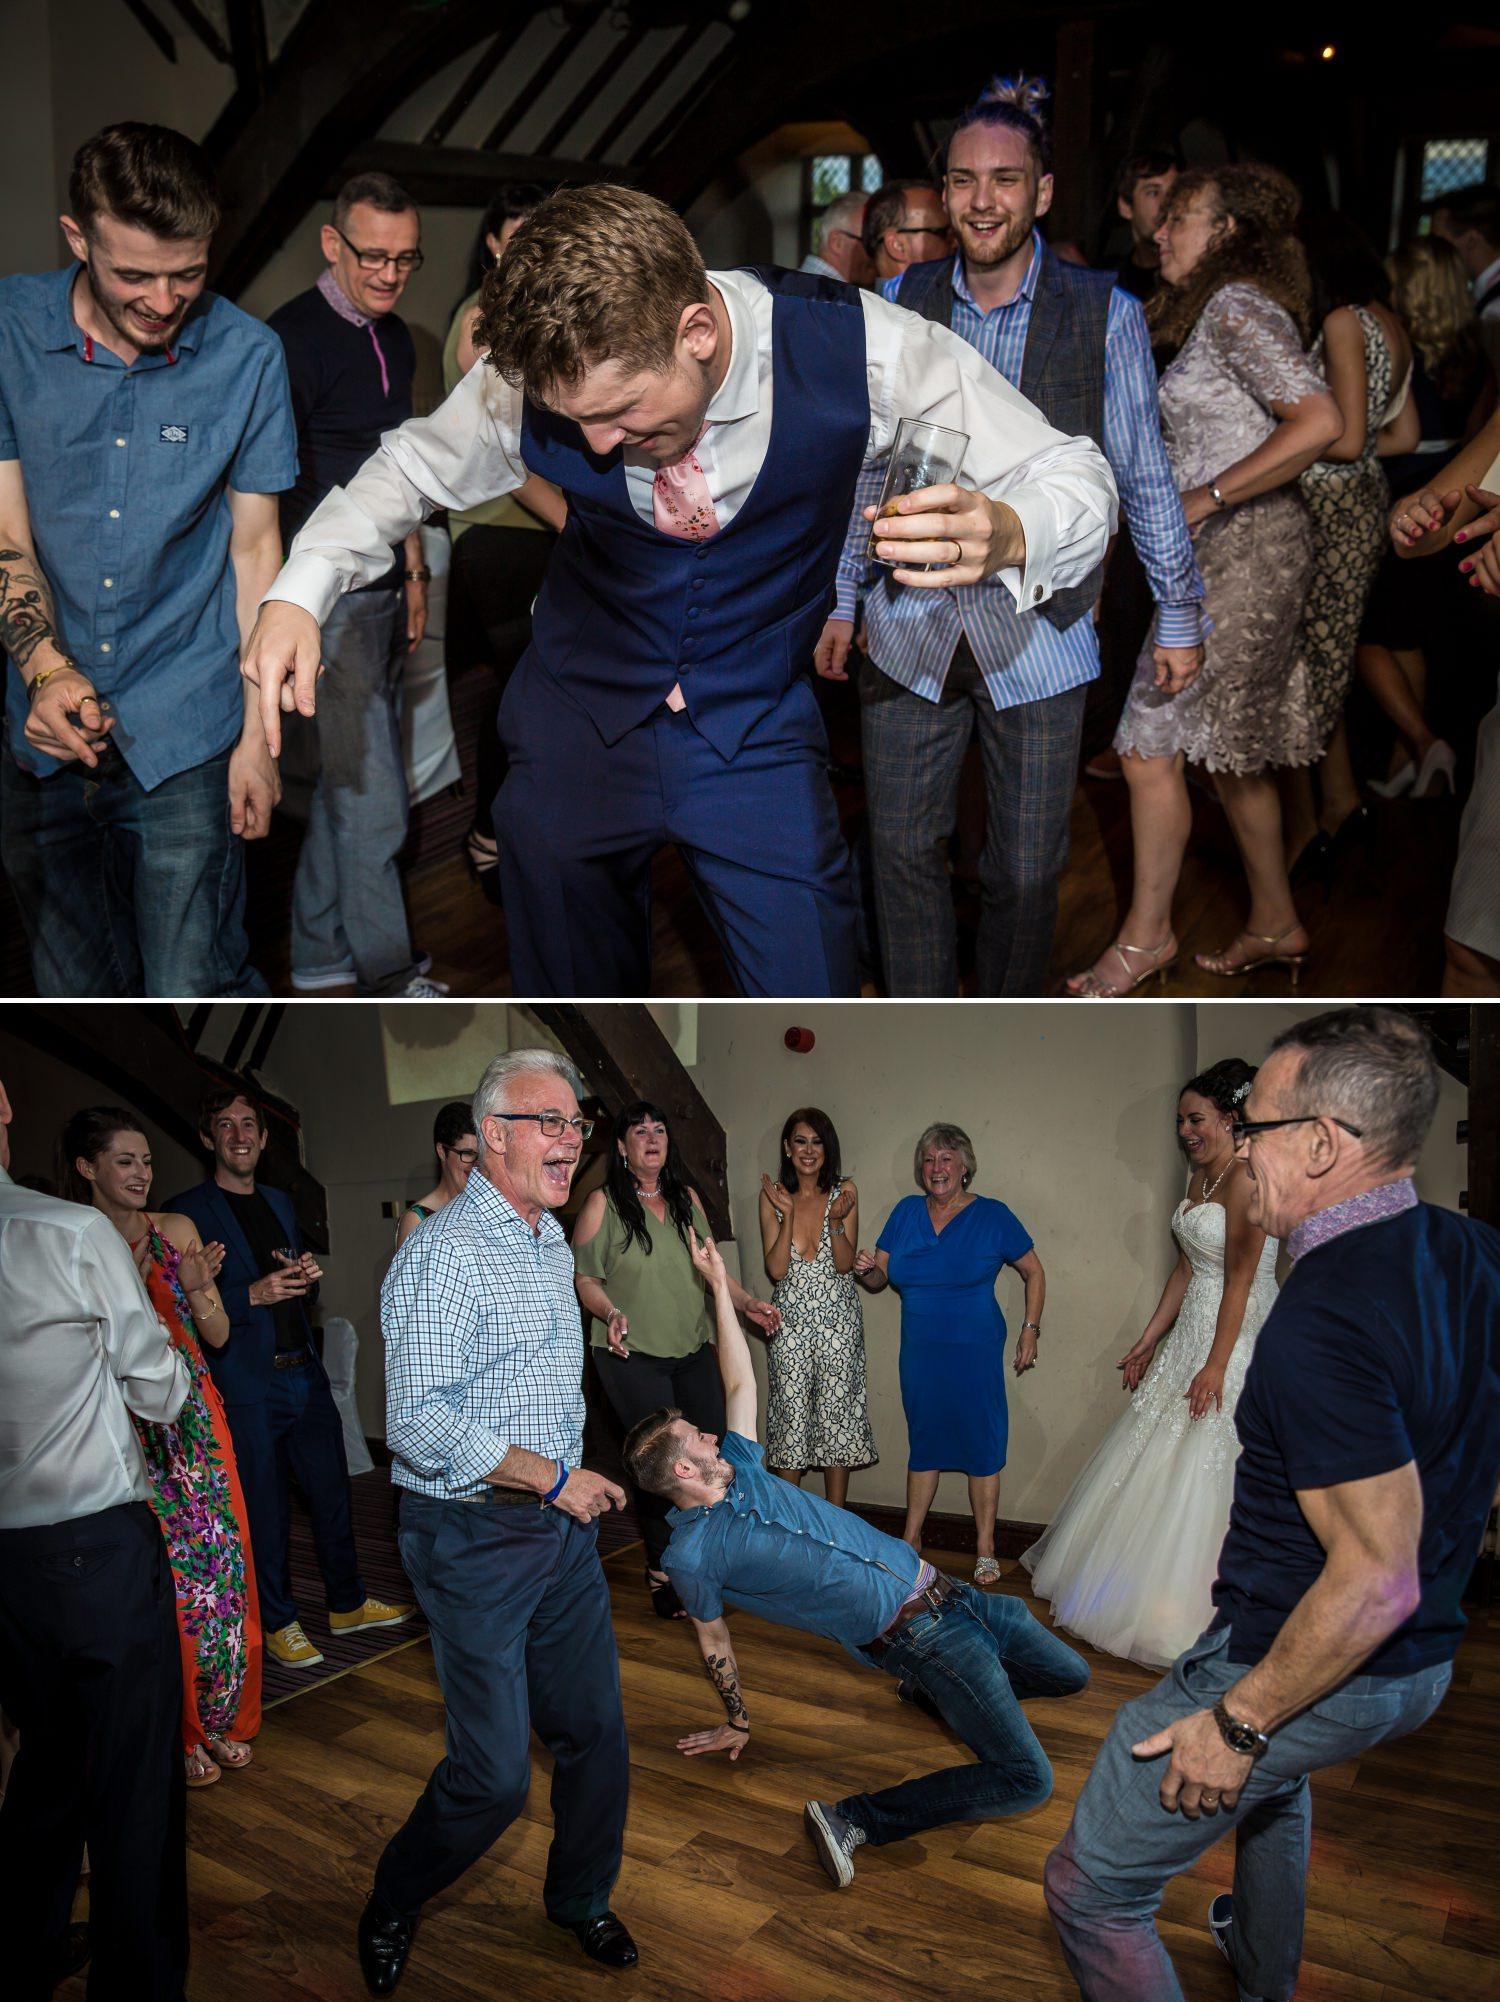 Wedding photographers Faenol Fawr